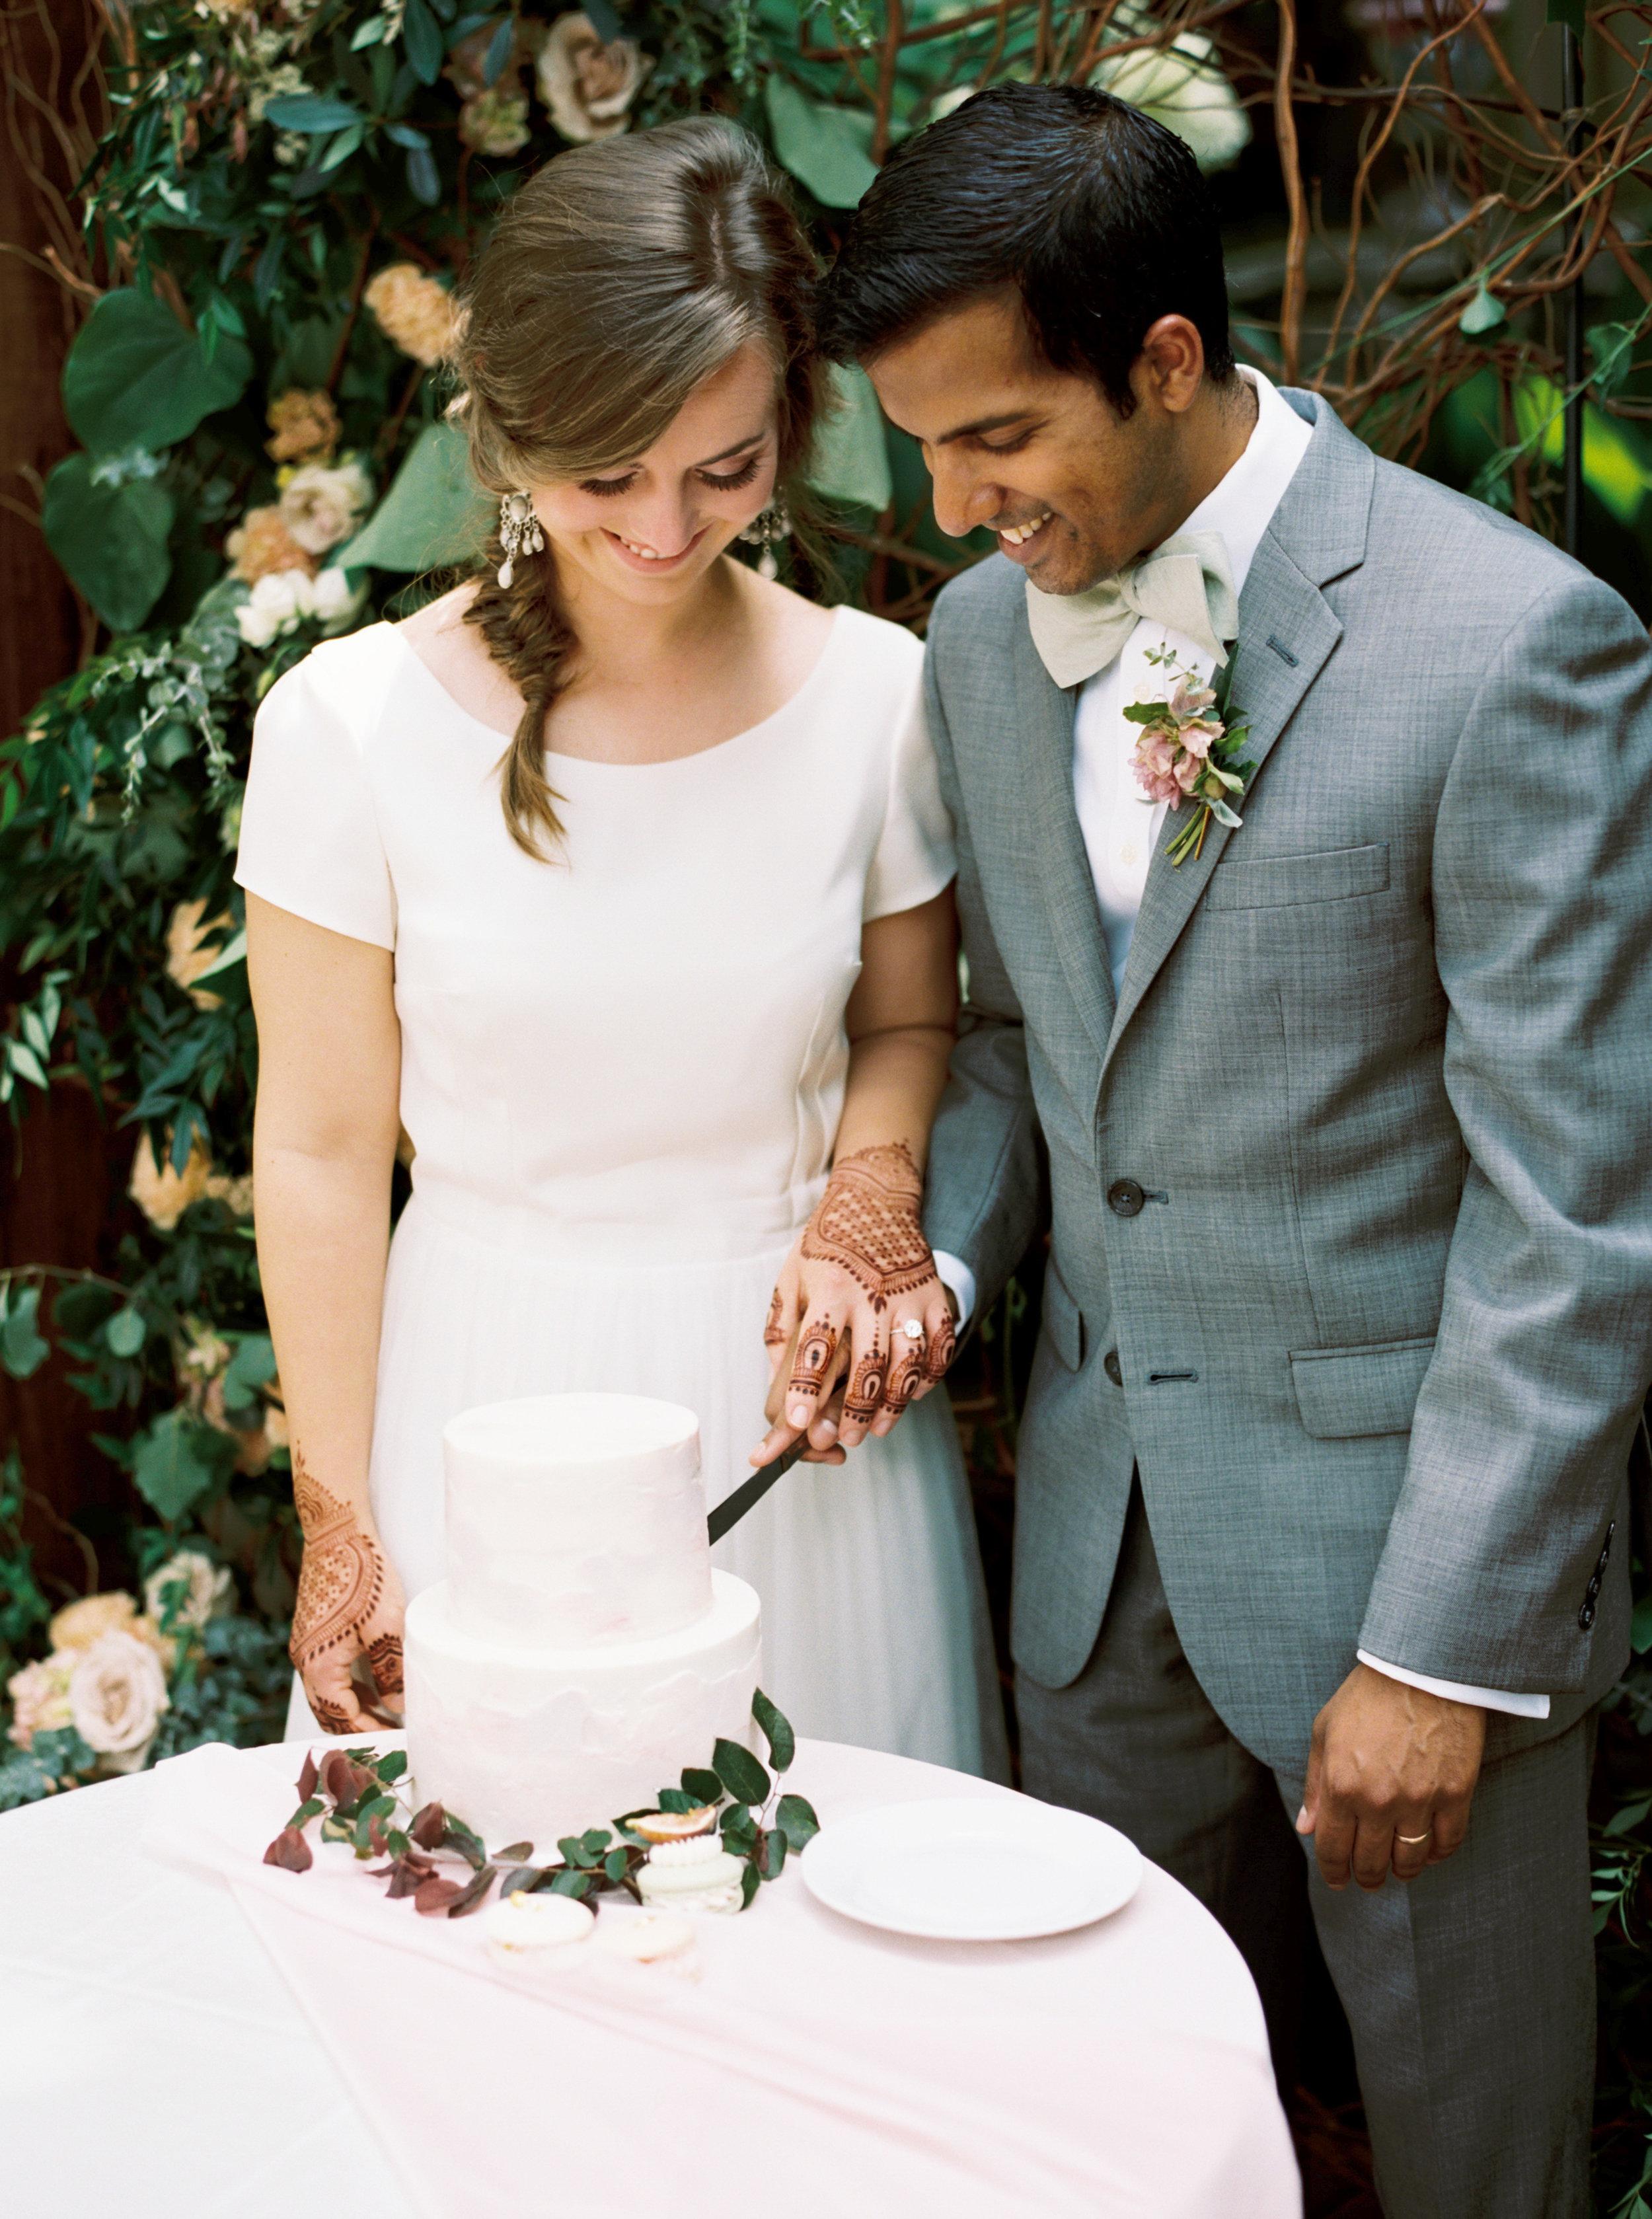 Wahoo_Grill_Atlanta_Indian_Wedding_Abigail_Malone_Photgoraphy_FIlm-144.jpg